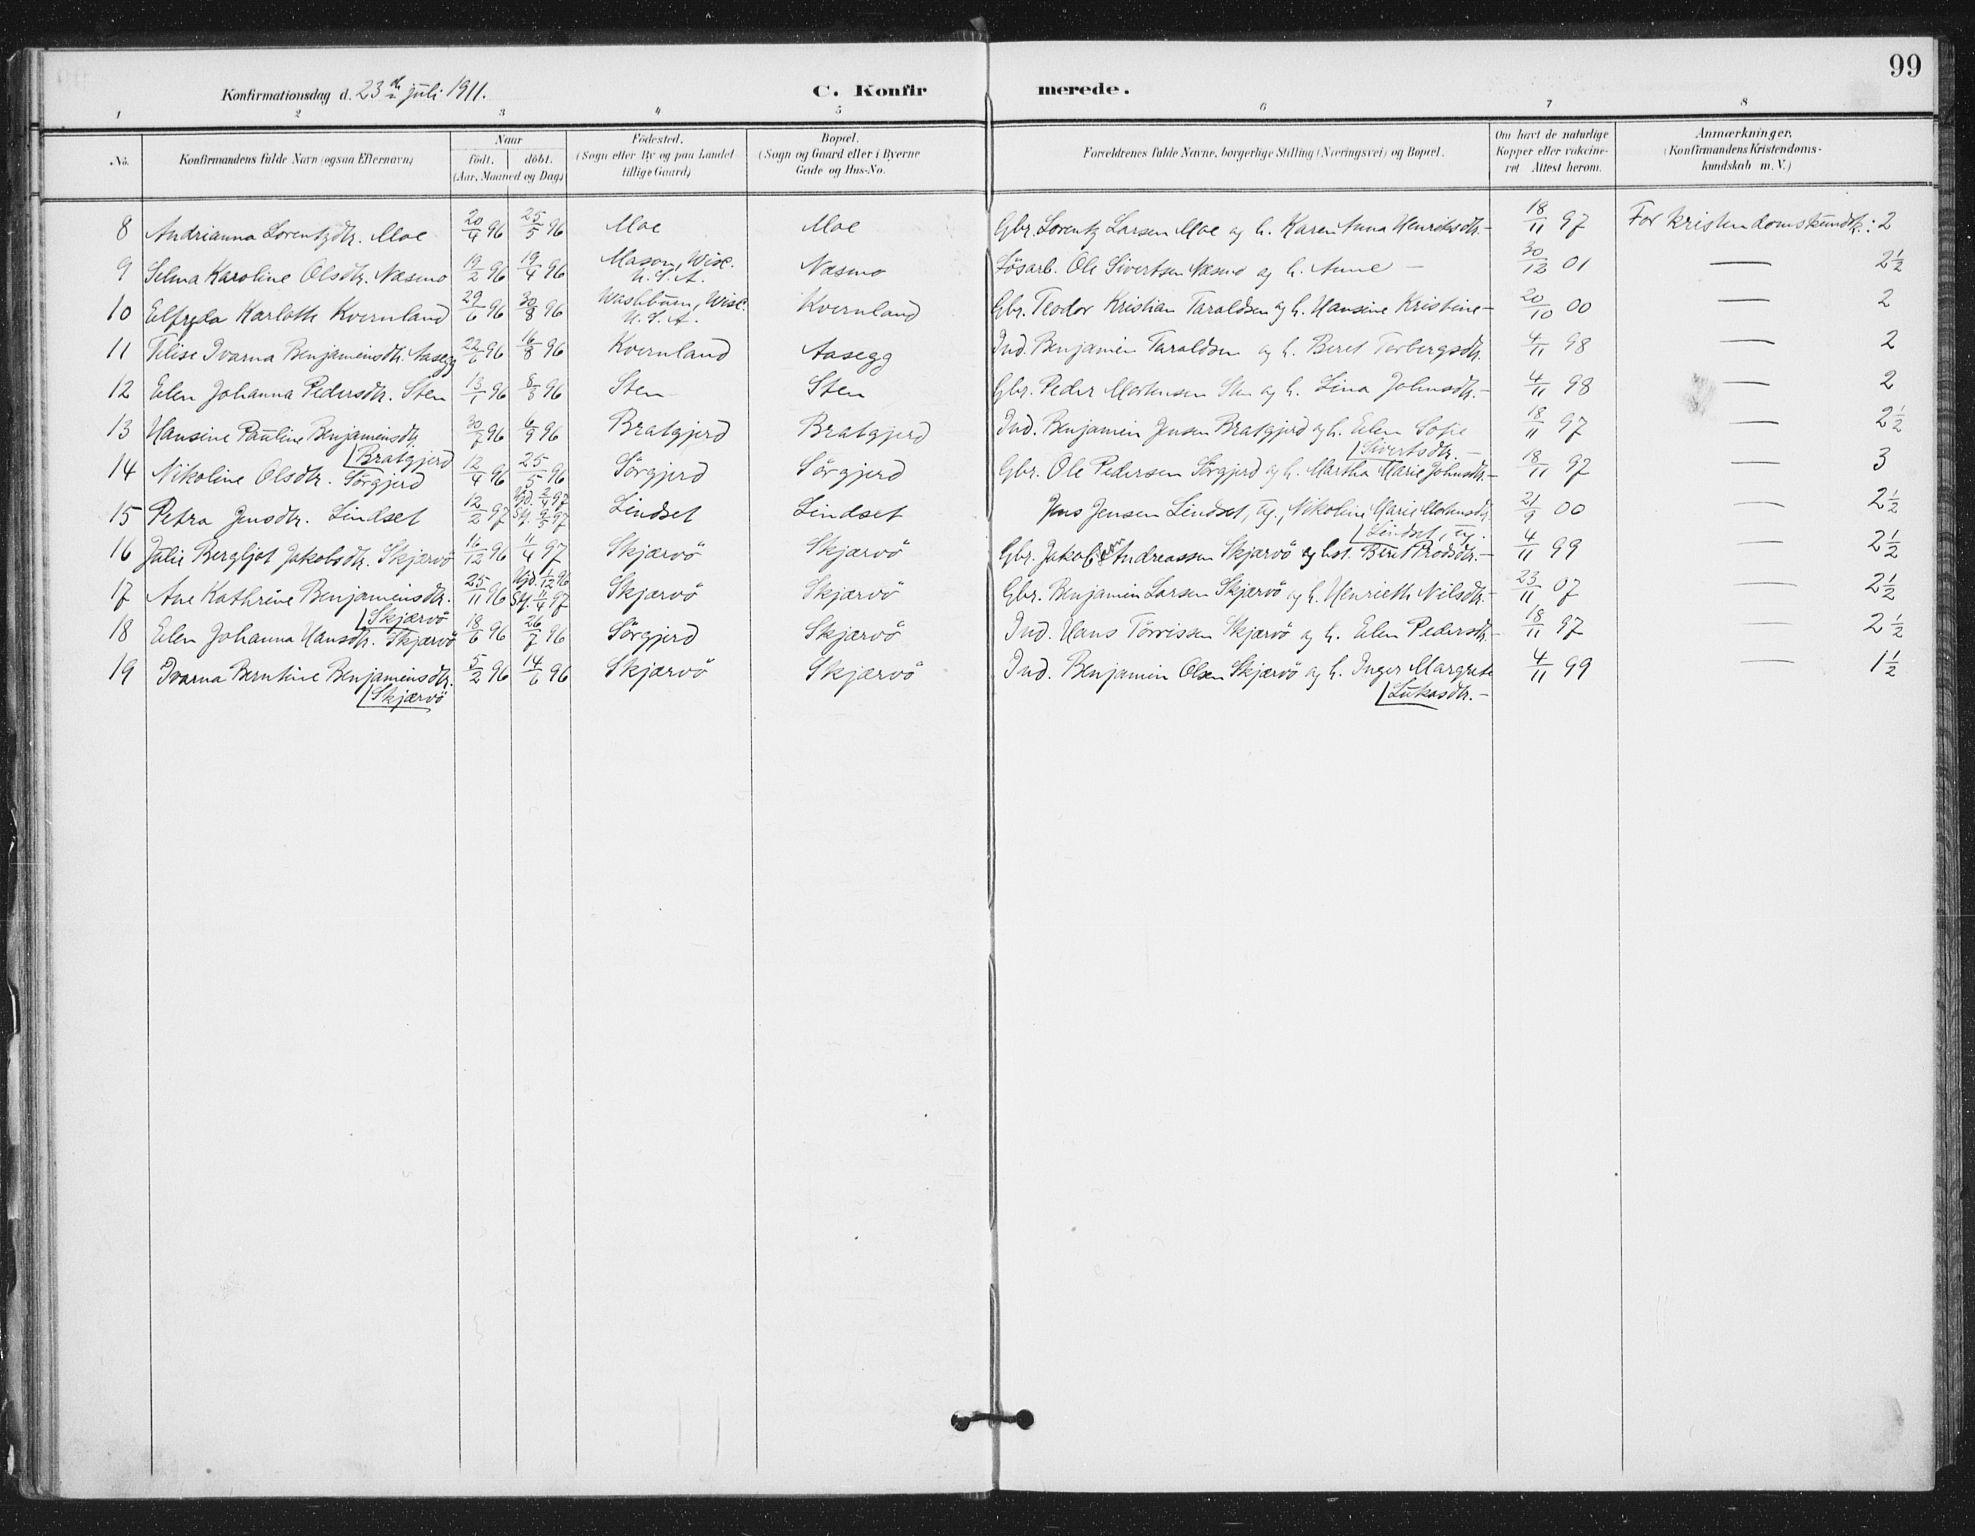 SAT, Ministerialprotokoller, klokkerbøker og fødselsregistre - Sør-Trøndelag, 658/L0723: Ministerialbok nr. 658A02, 1897-1912, s. 99